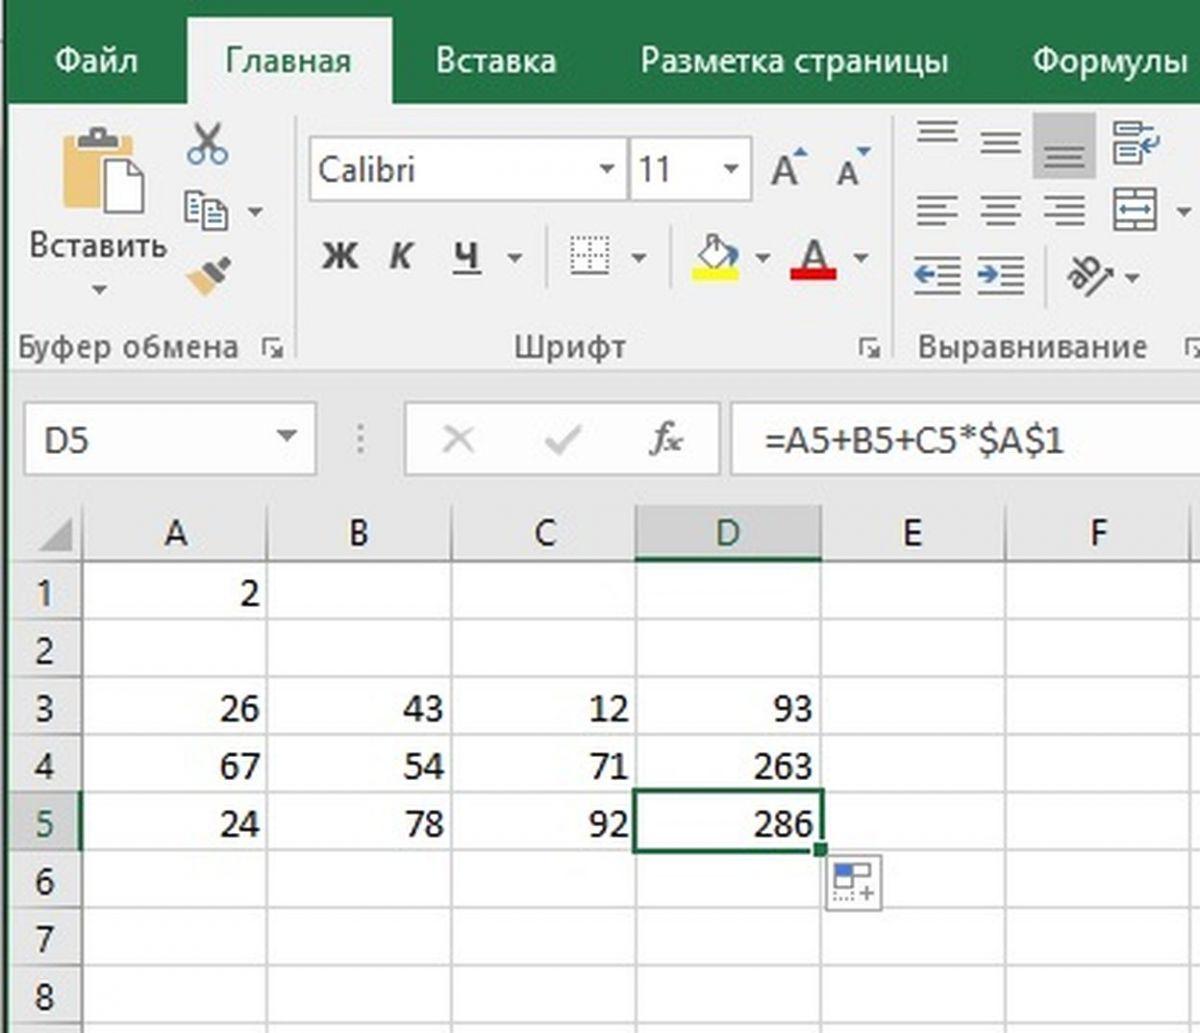 Абсолютные относительные и смешанные ссылки в Excel с примерами